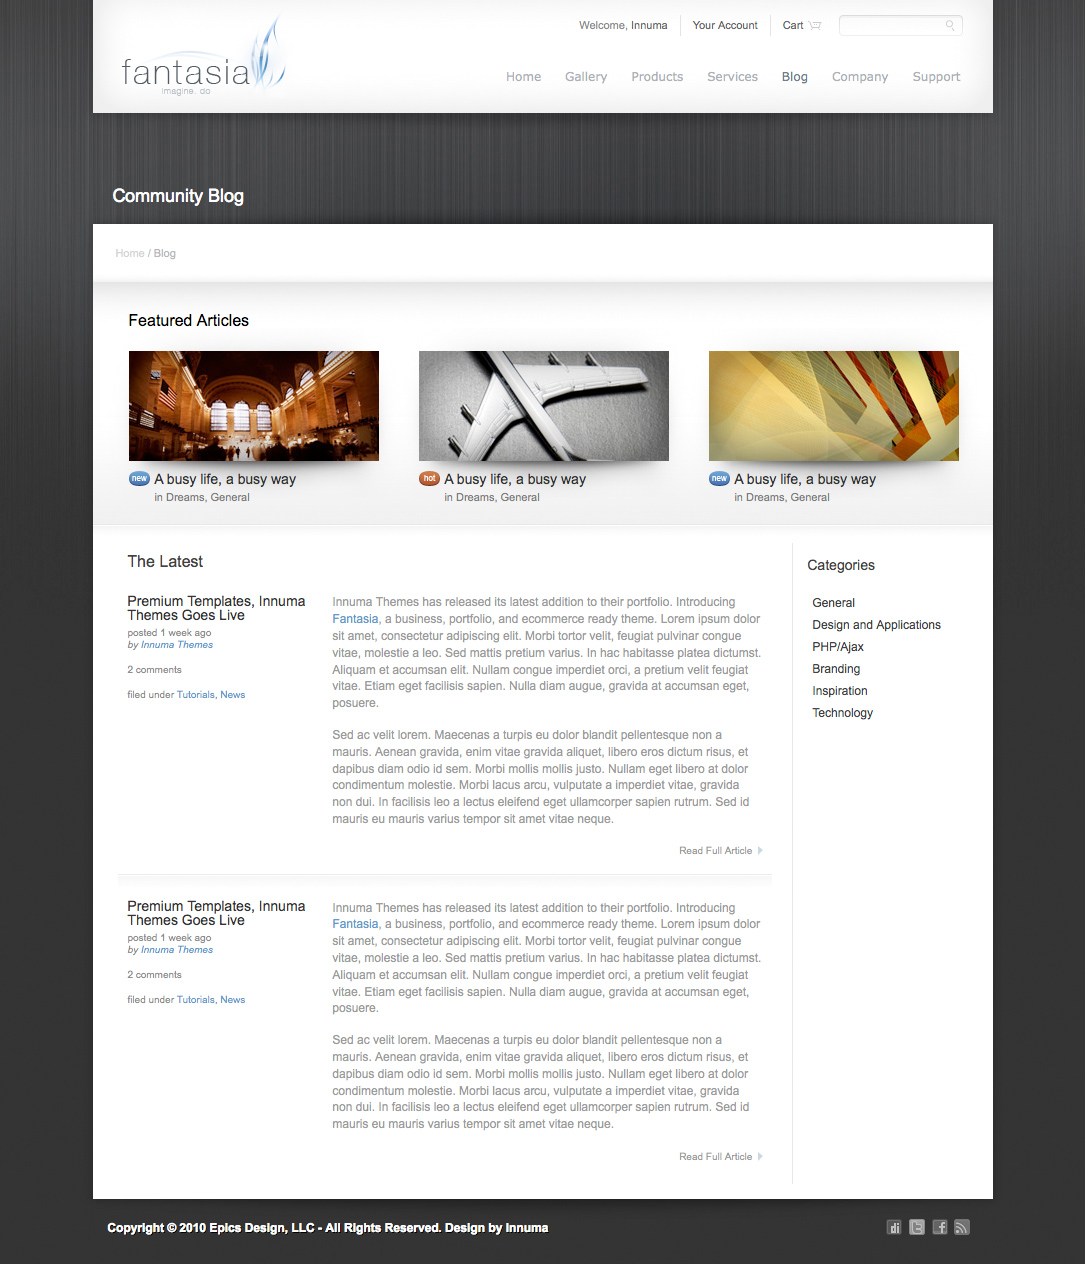 company portfolio template doc - fantasia business and portfolio template by innuma